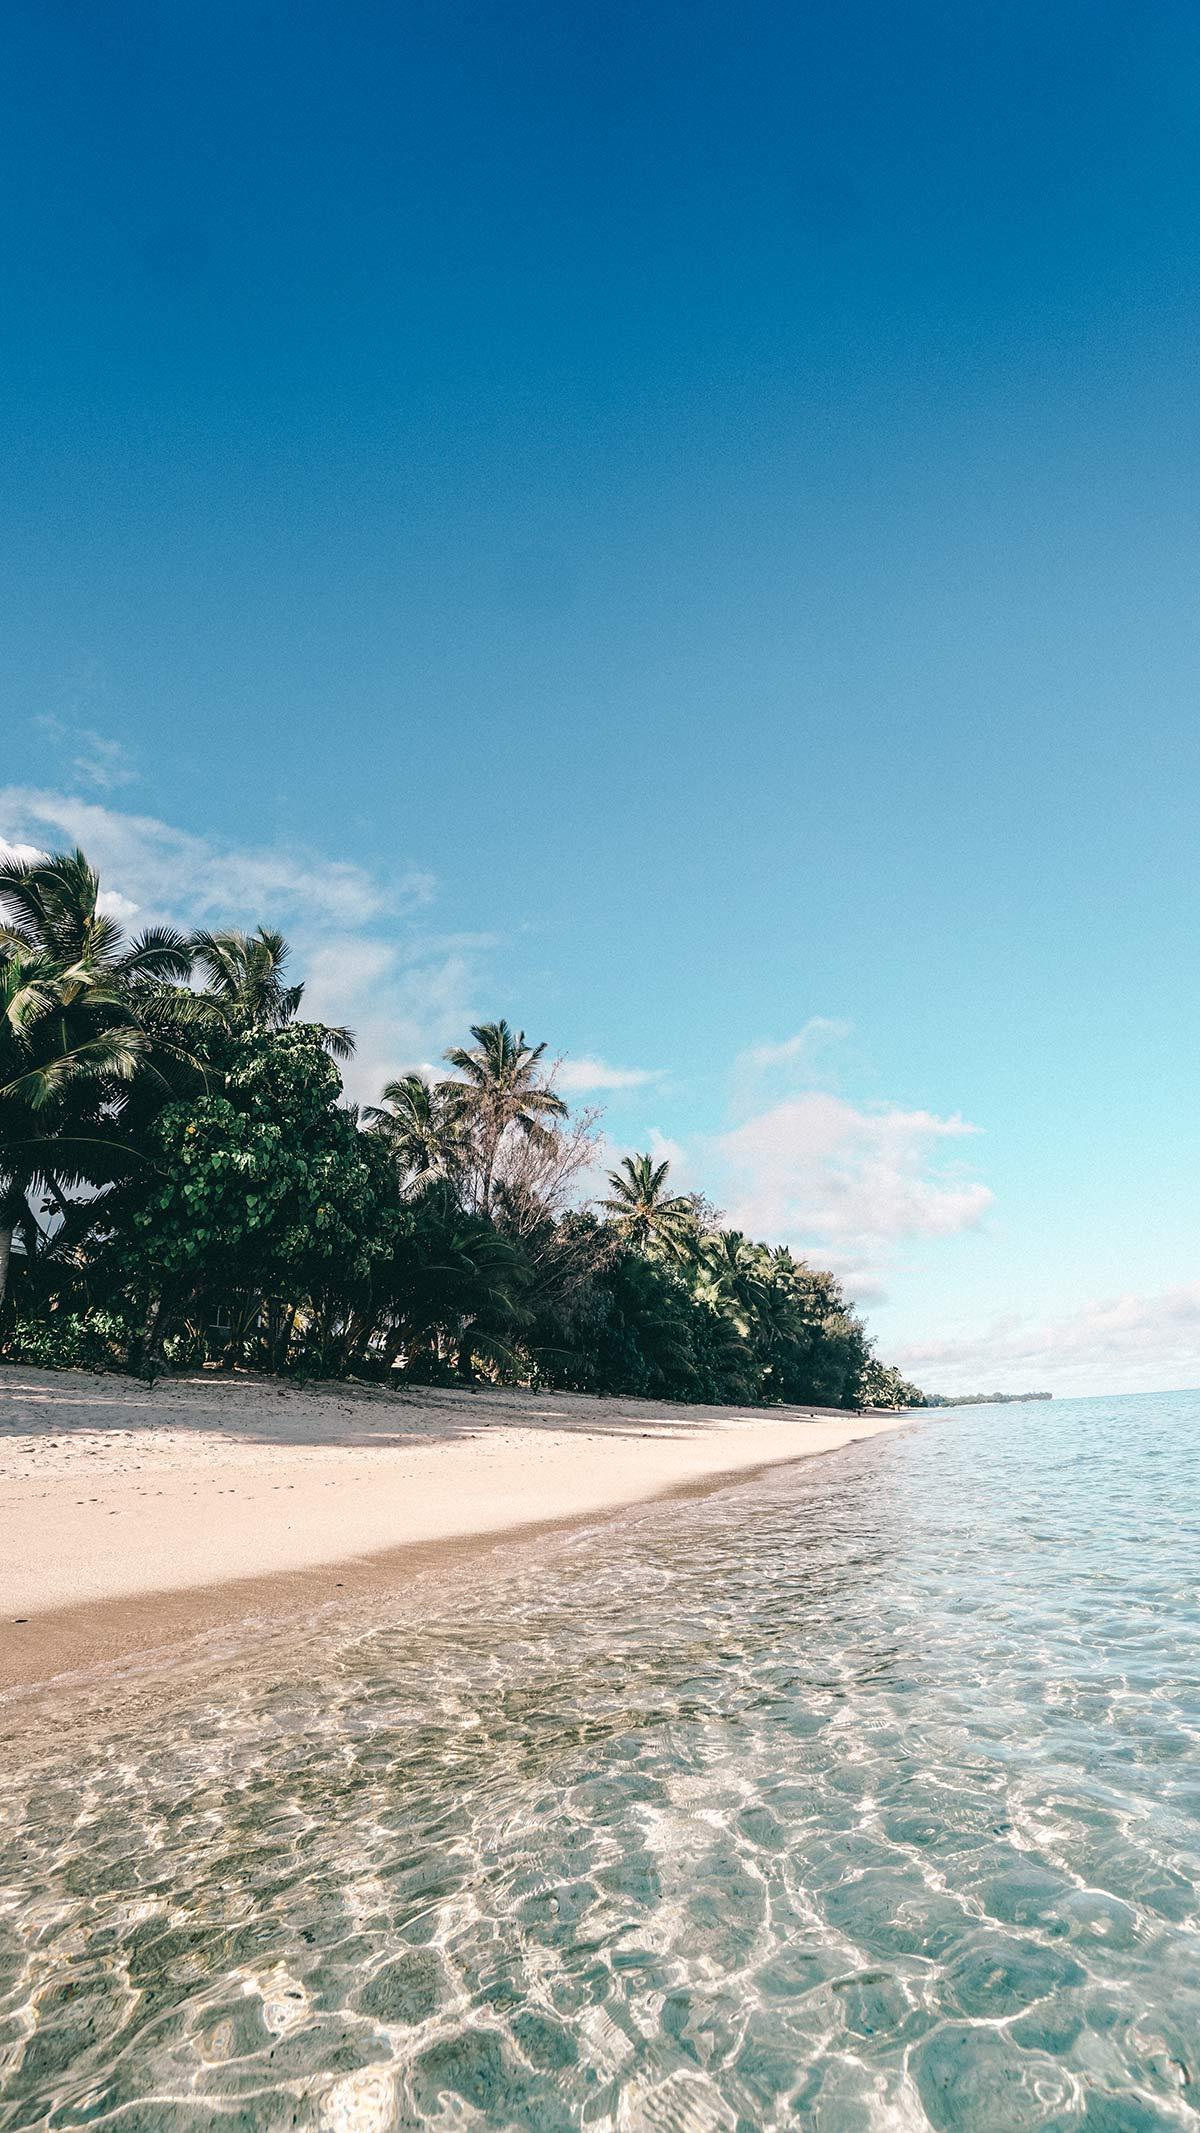 Rarotongas Paradies Strand Moana Sands Villas